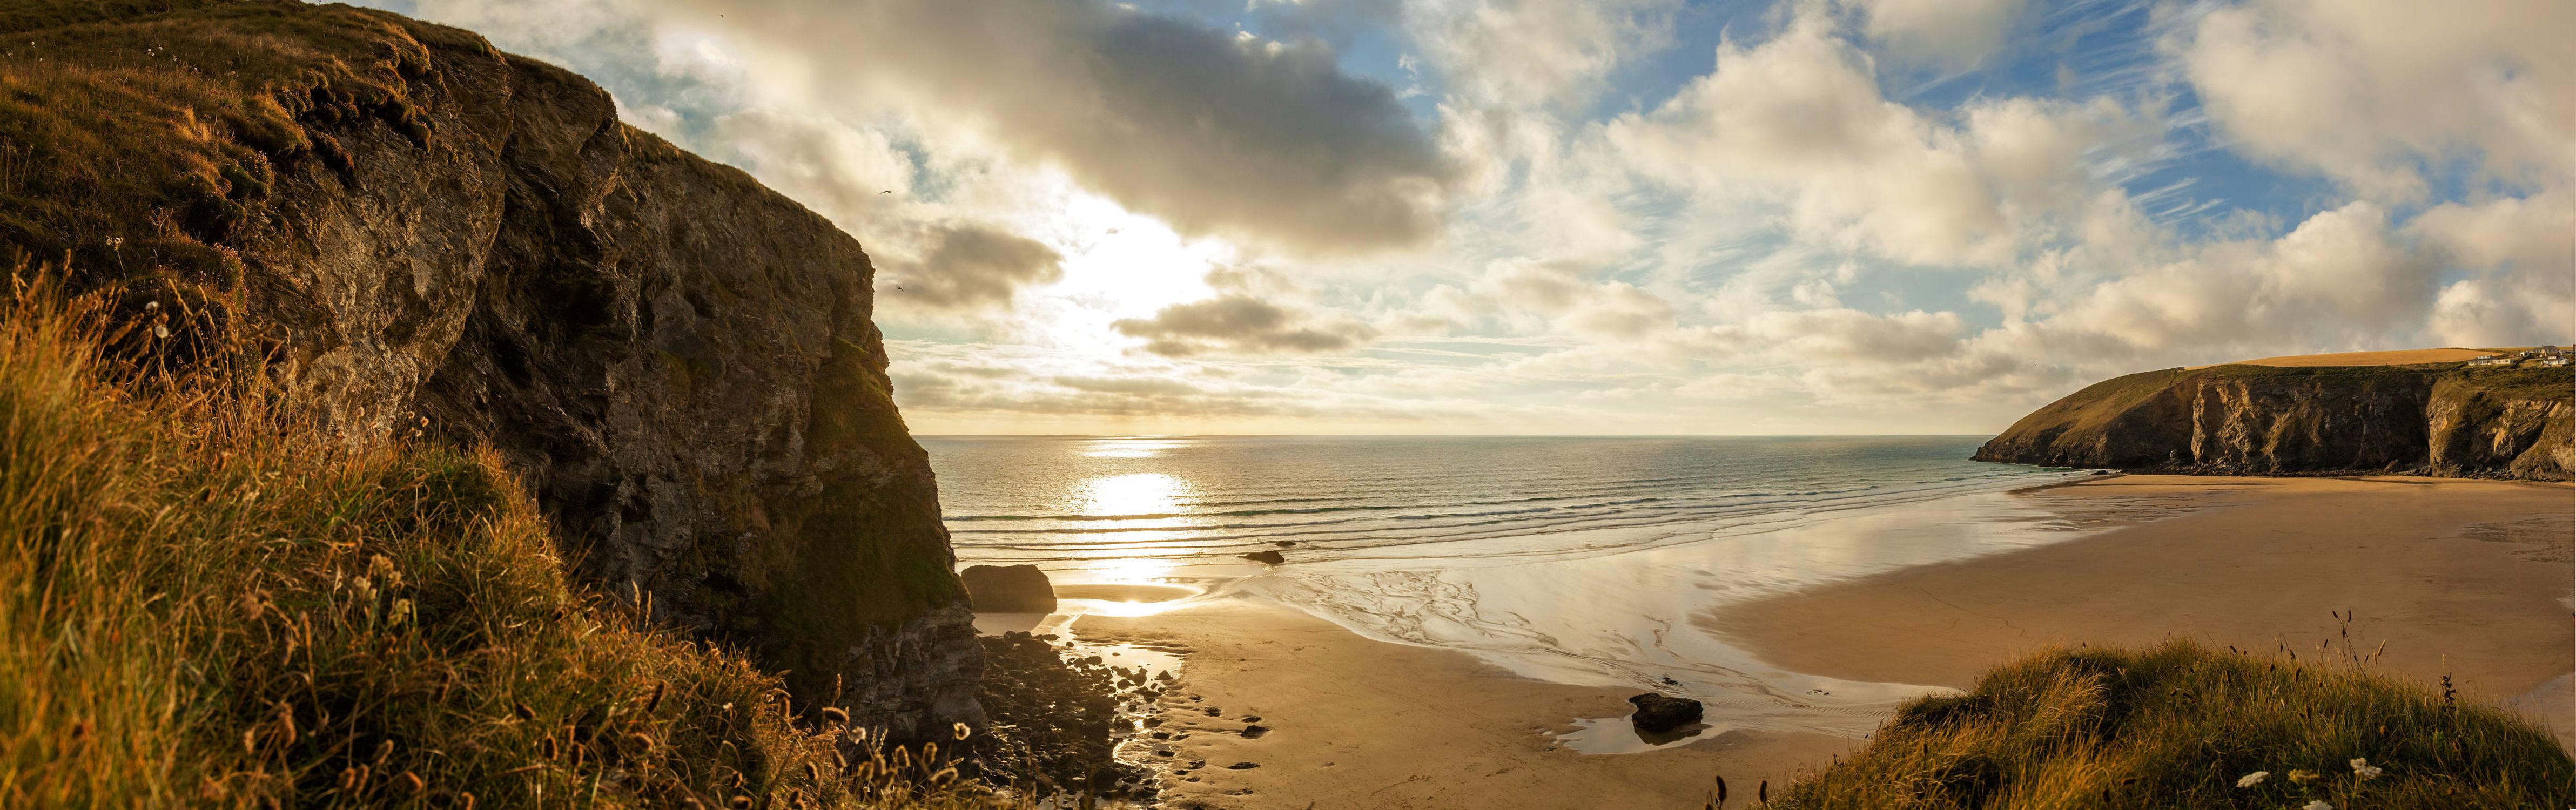 Bild mit Natur, Wasser, Berge, Gewässer, Felsen, Sonnenuntergang, Sonnenaufgang, Strand, Sandstrand, Küste, Am Meer, ozean